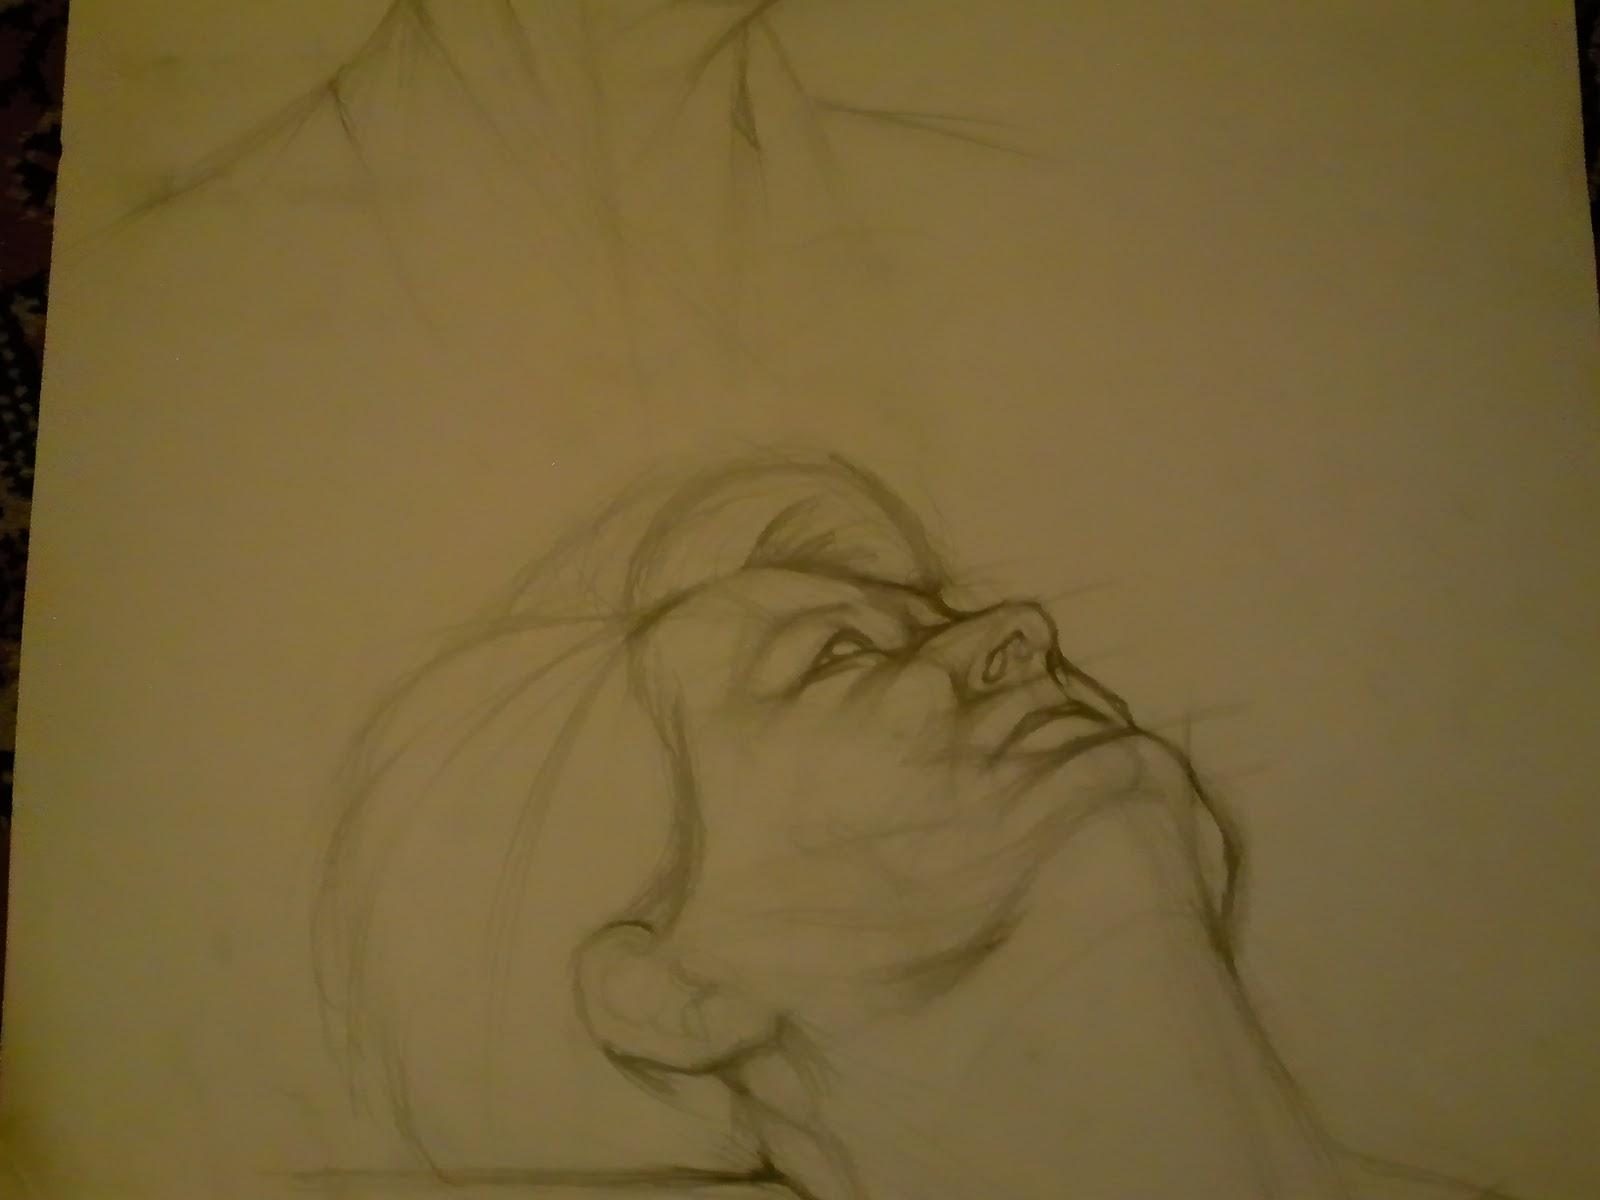 portré-vázlat, ceruzarajz, modell